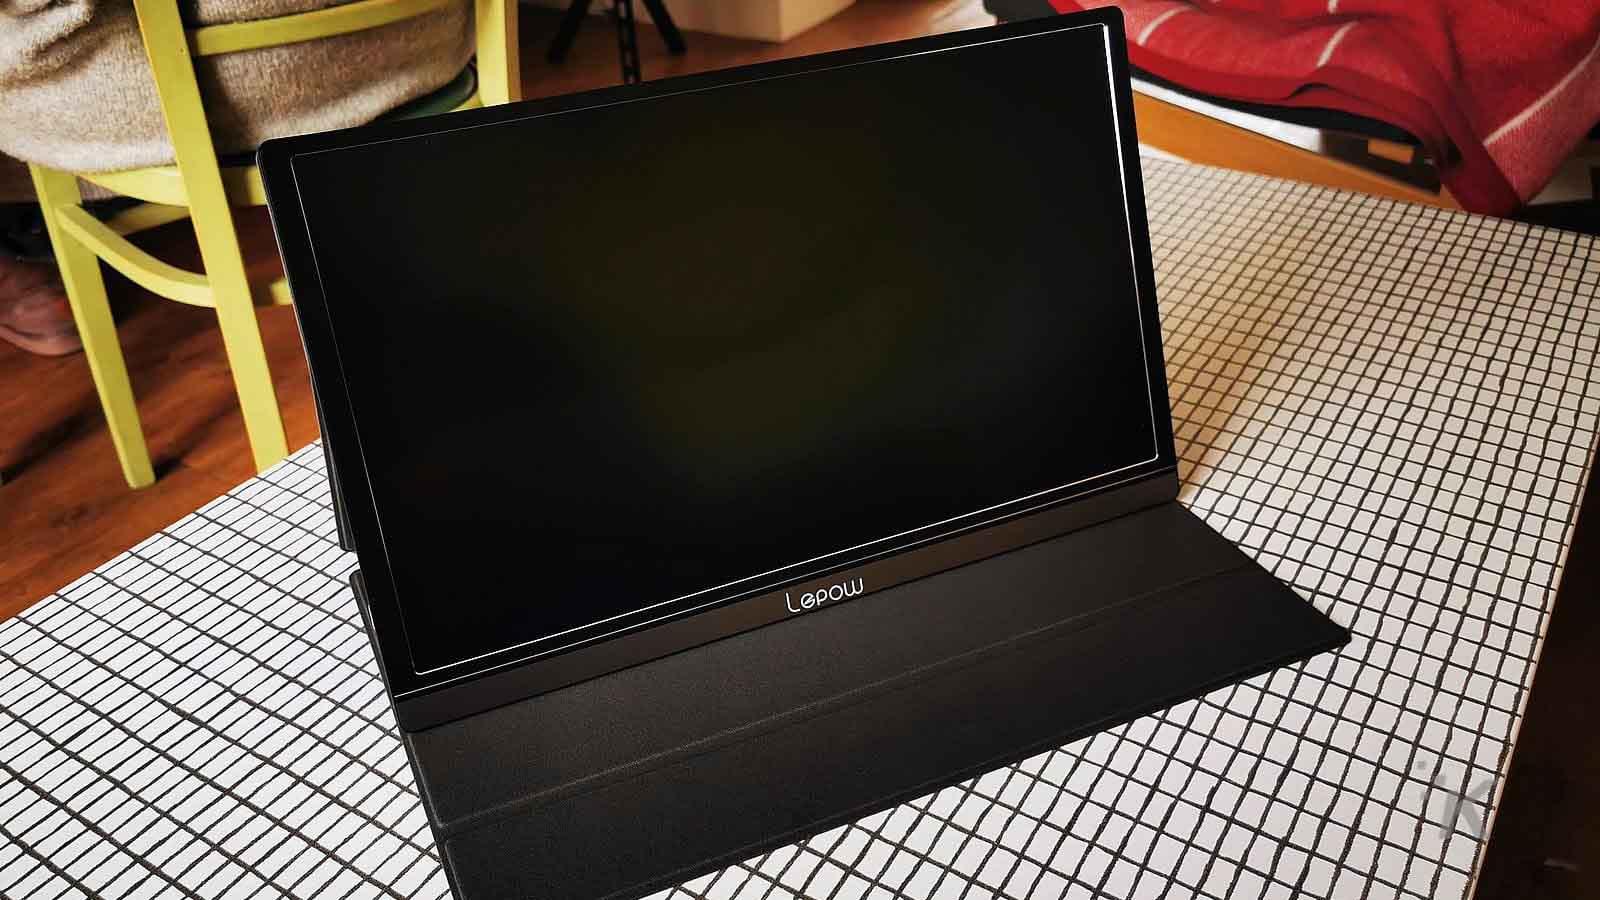 lepow portable screen on table